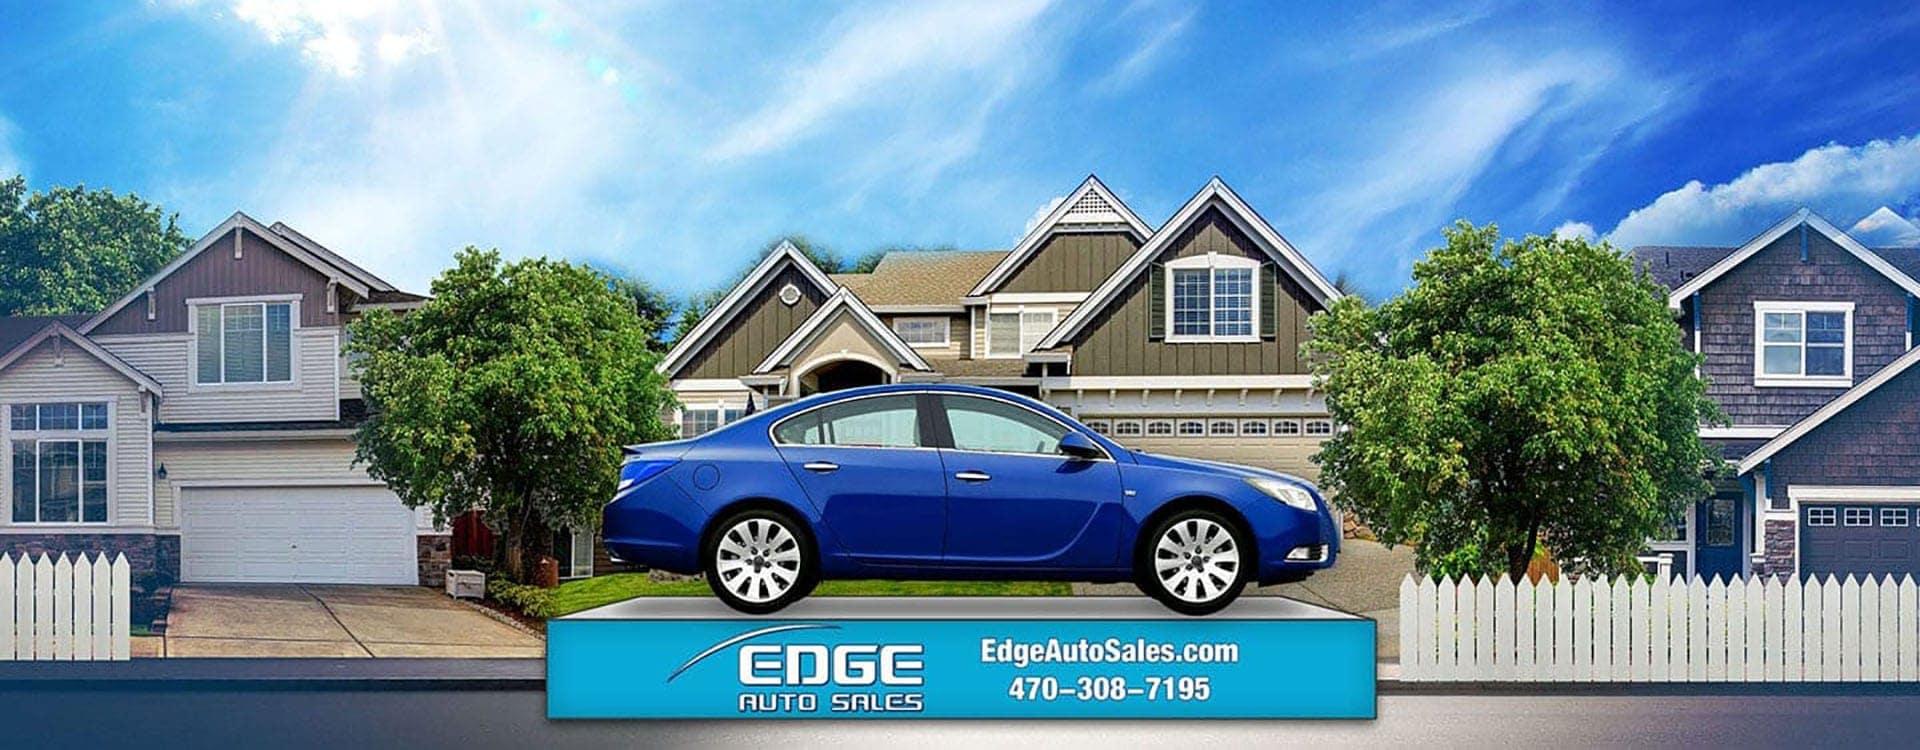 slider-background-blue-car-2